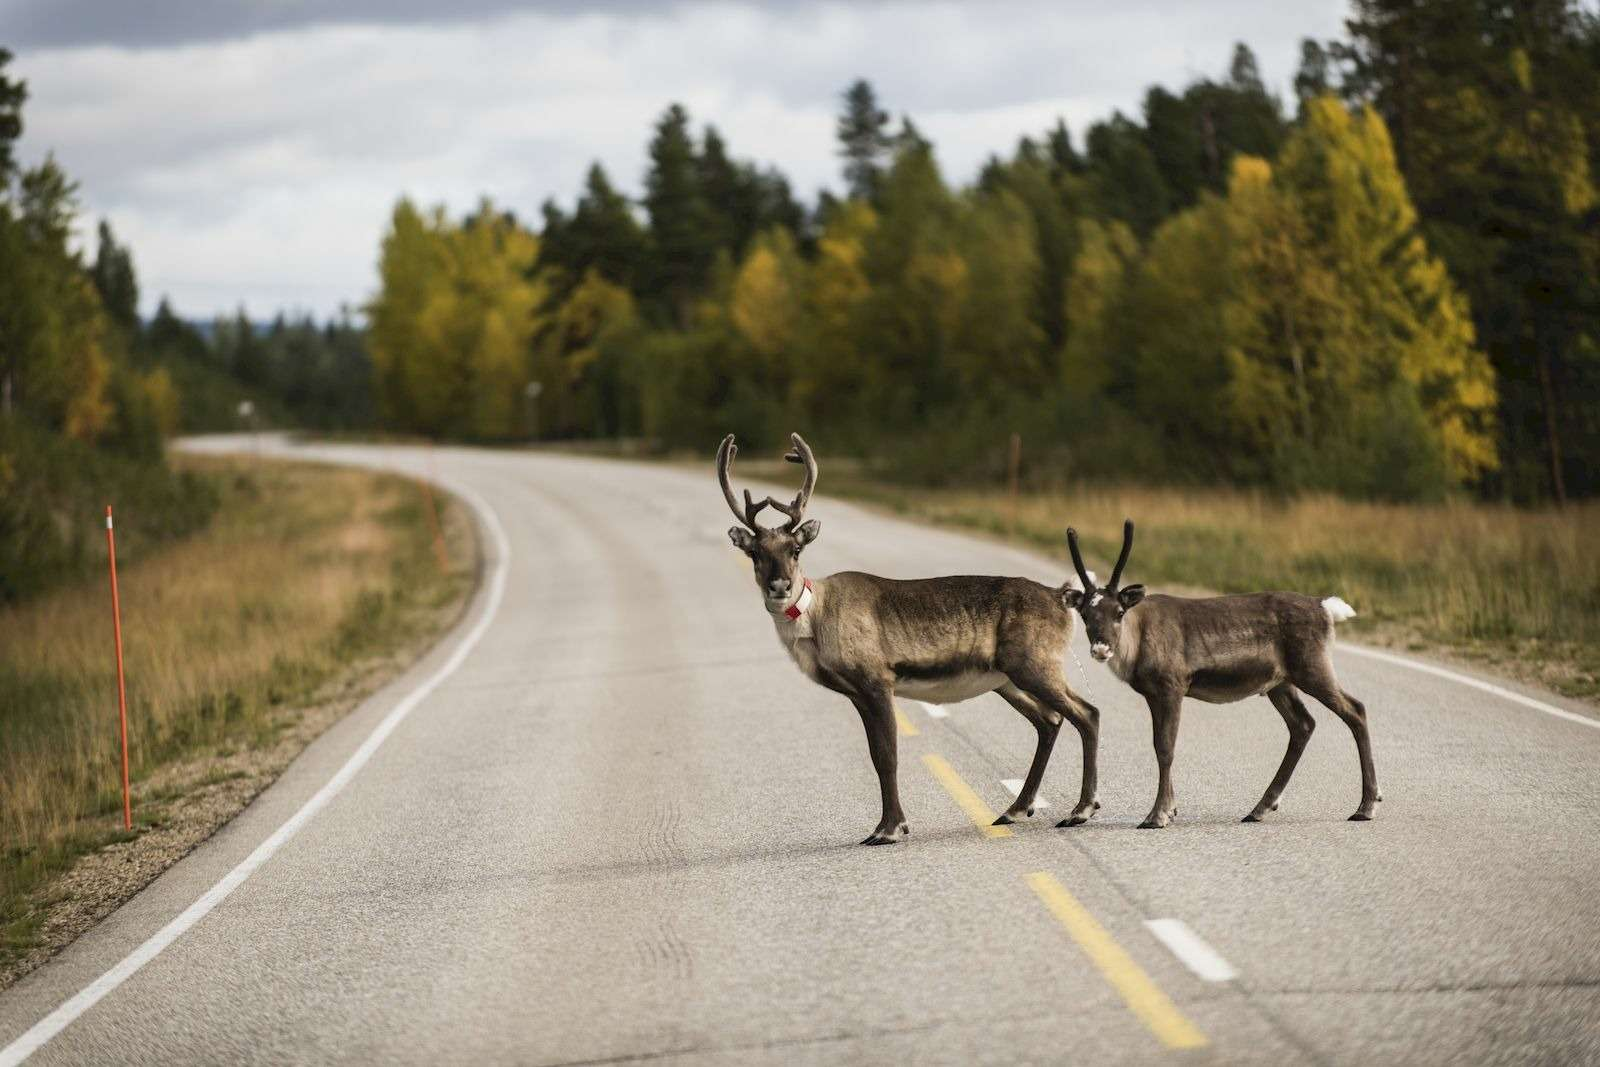 Безоленей, пересекающих дорогу, вФинляндии необойтись 2_result